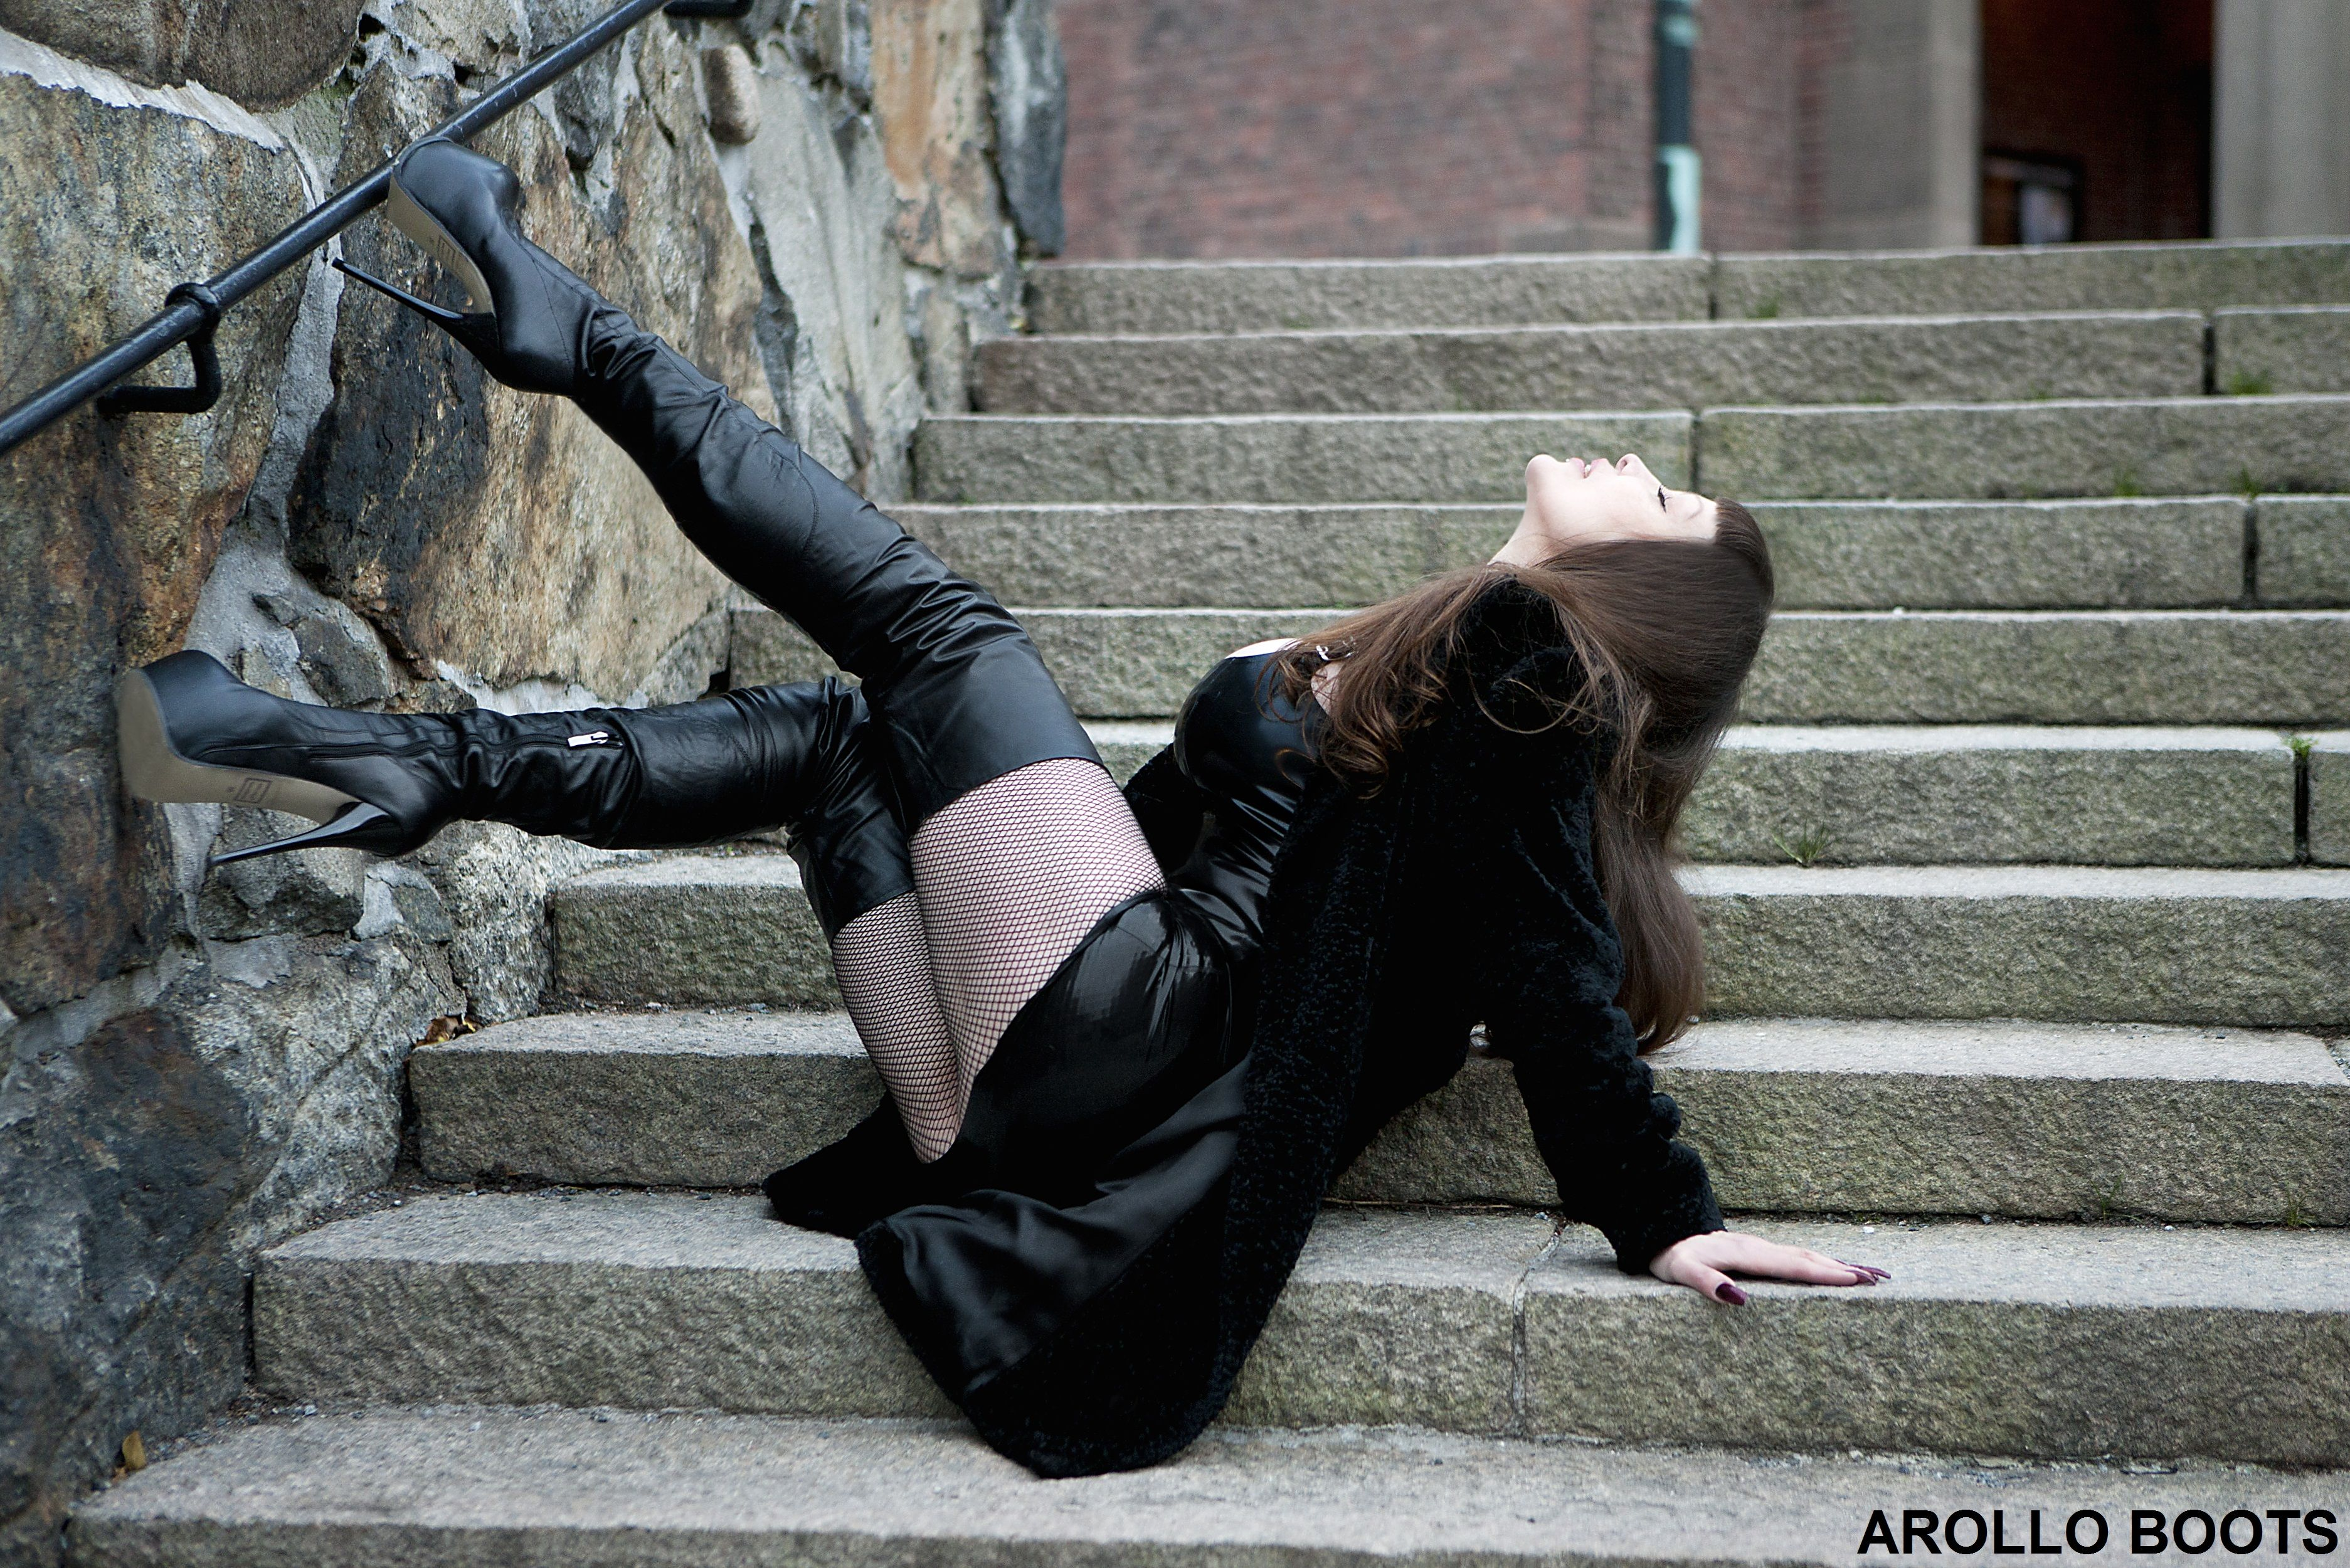 Ingela Swedish Exotica In Arollo Thigh High Crotch Boots